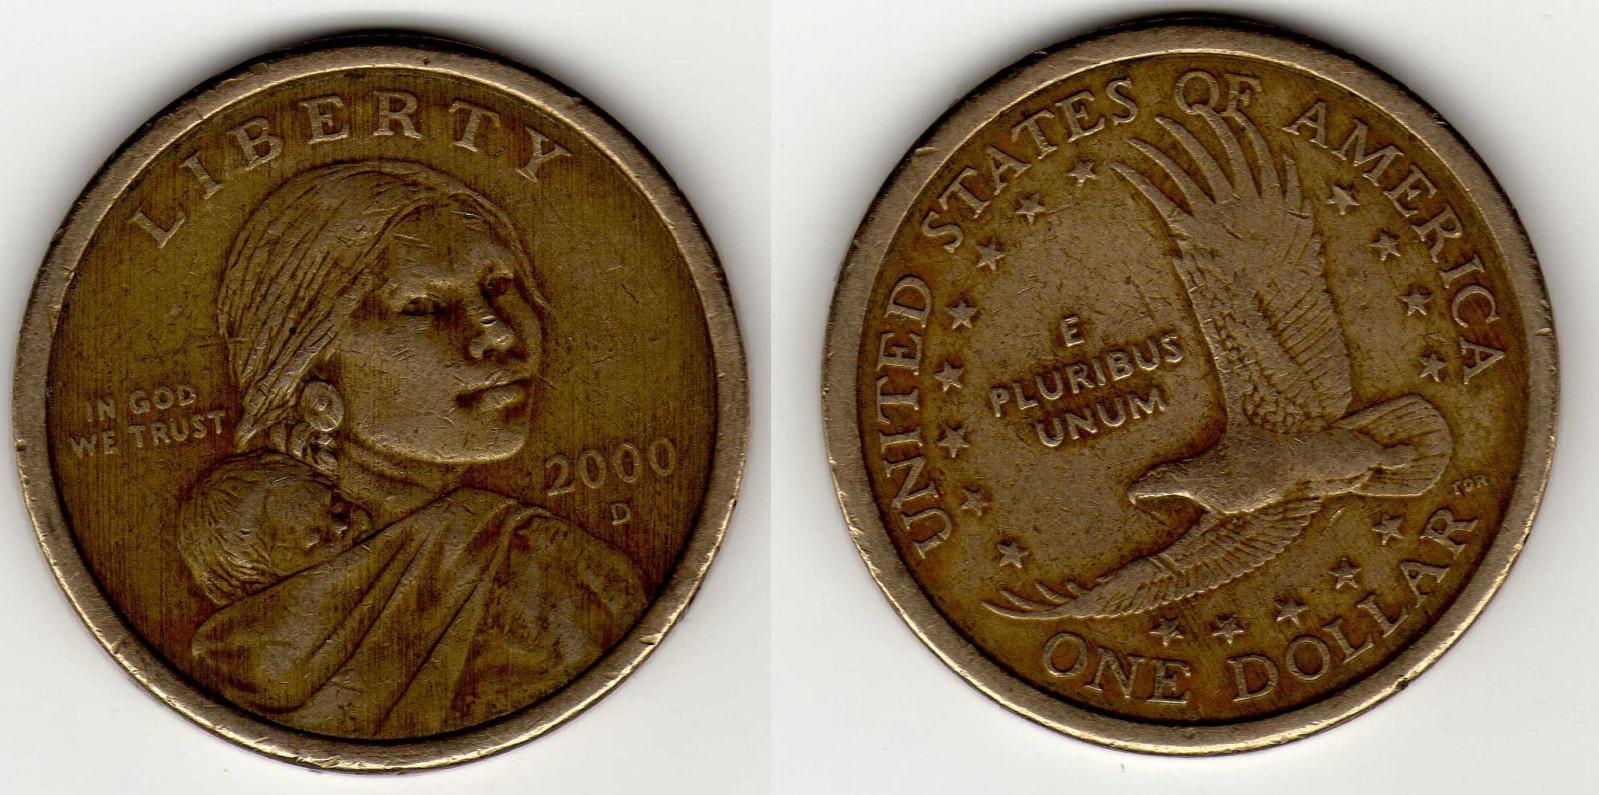 Primer moneda de 1 Dolar serie Nativos. 2ce5e8m